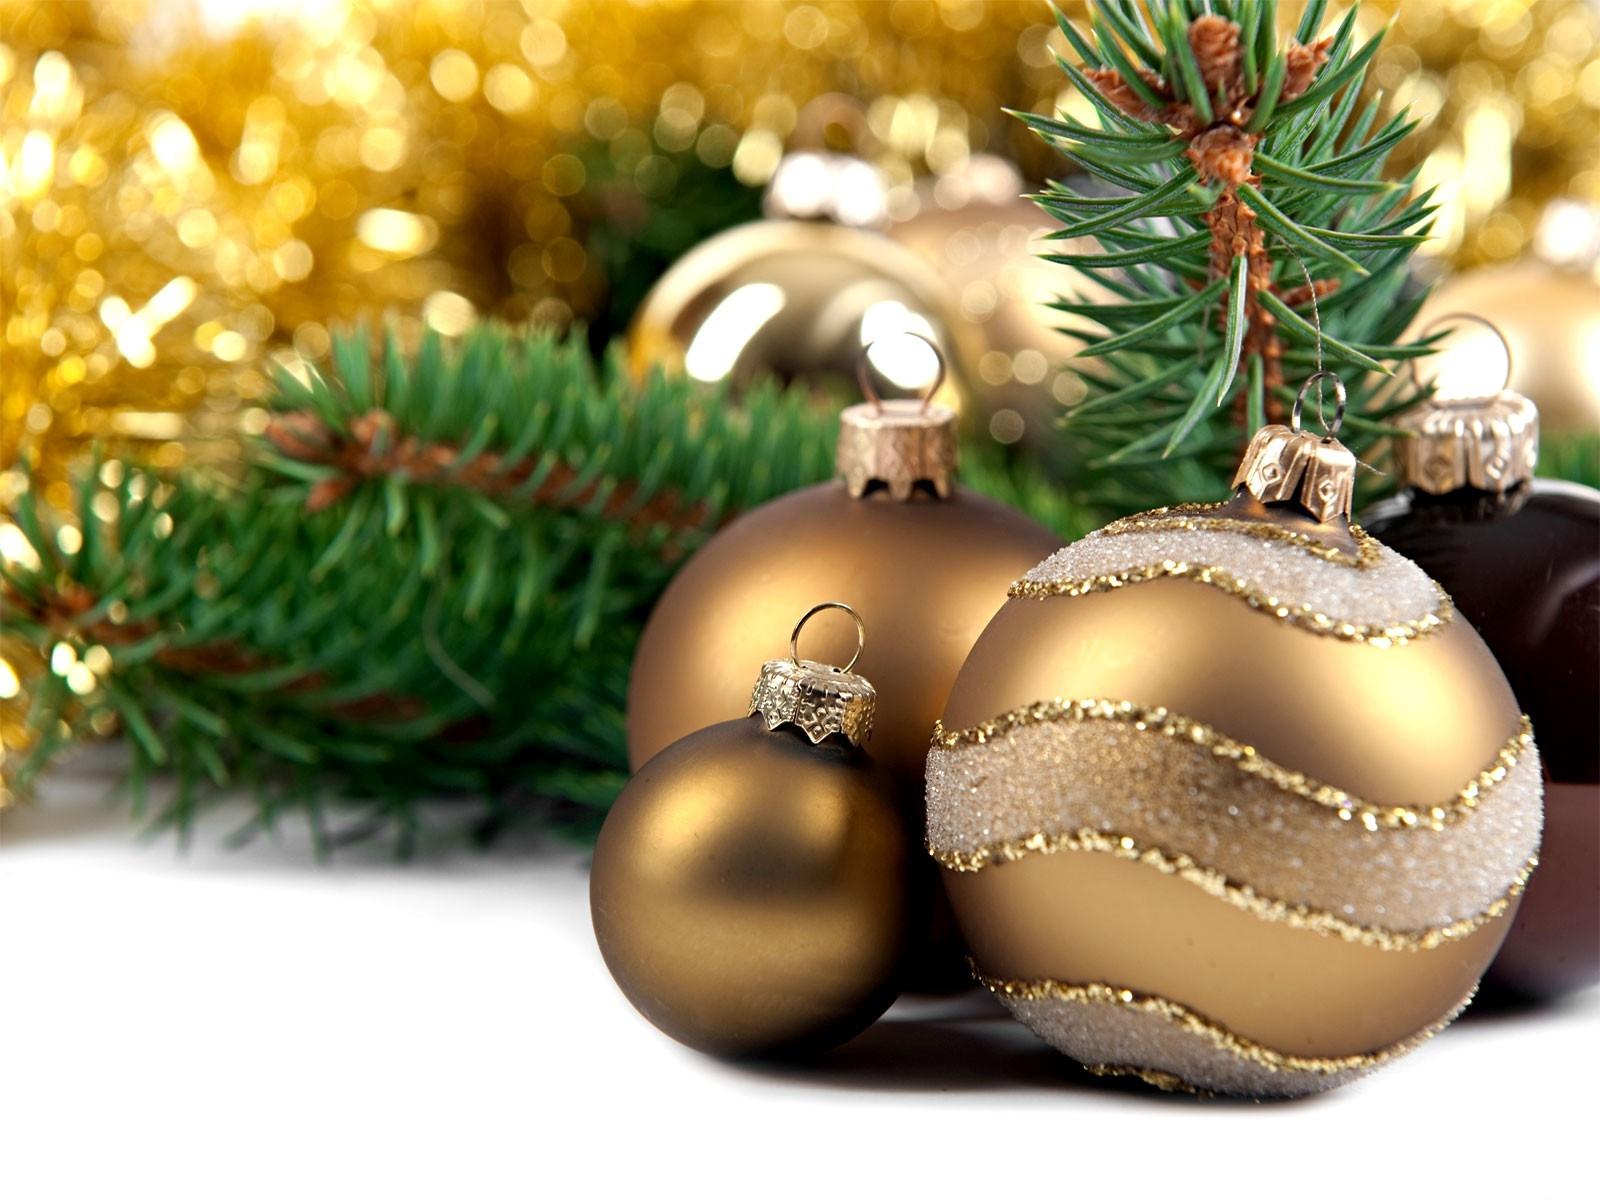 free christmas desktop wallpaper 51DC | lyybj